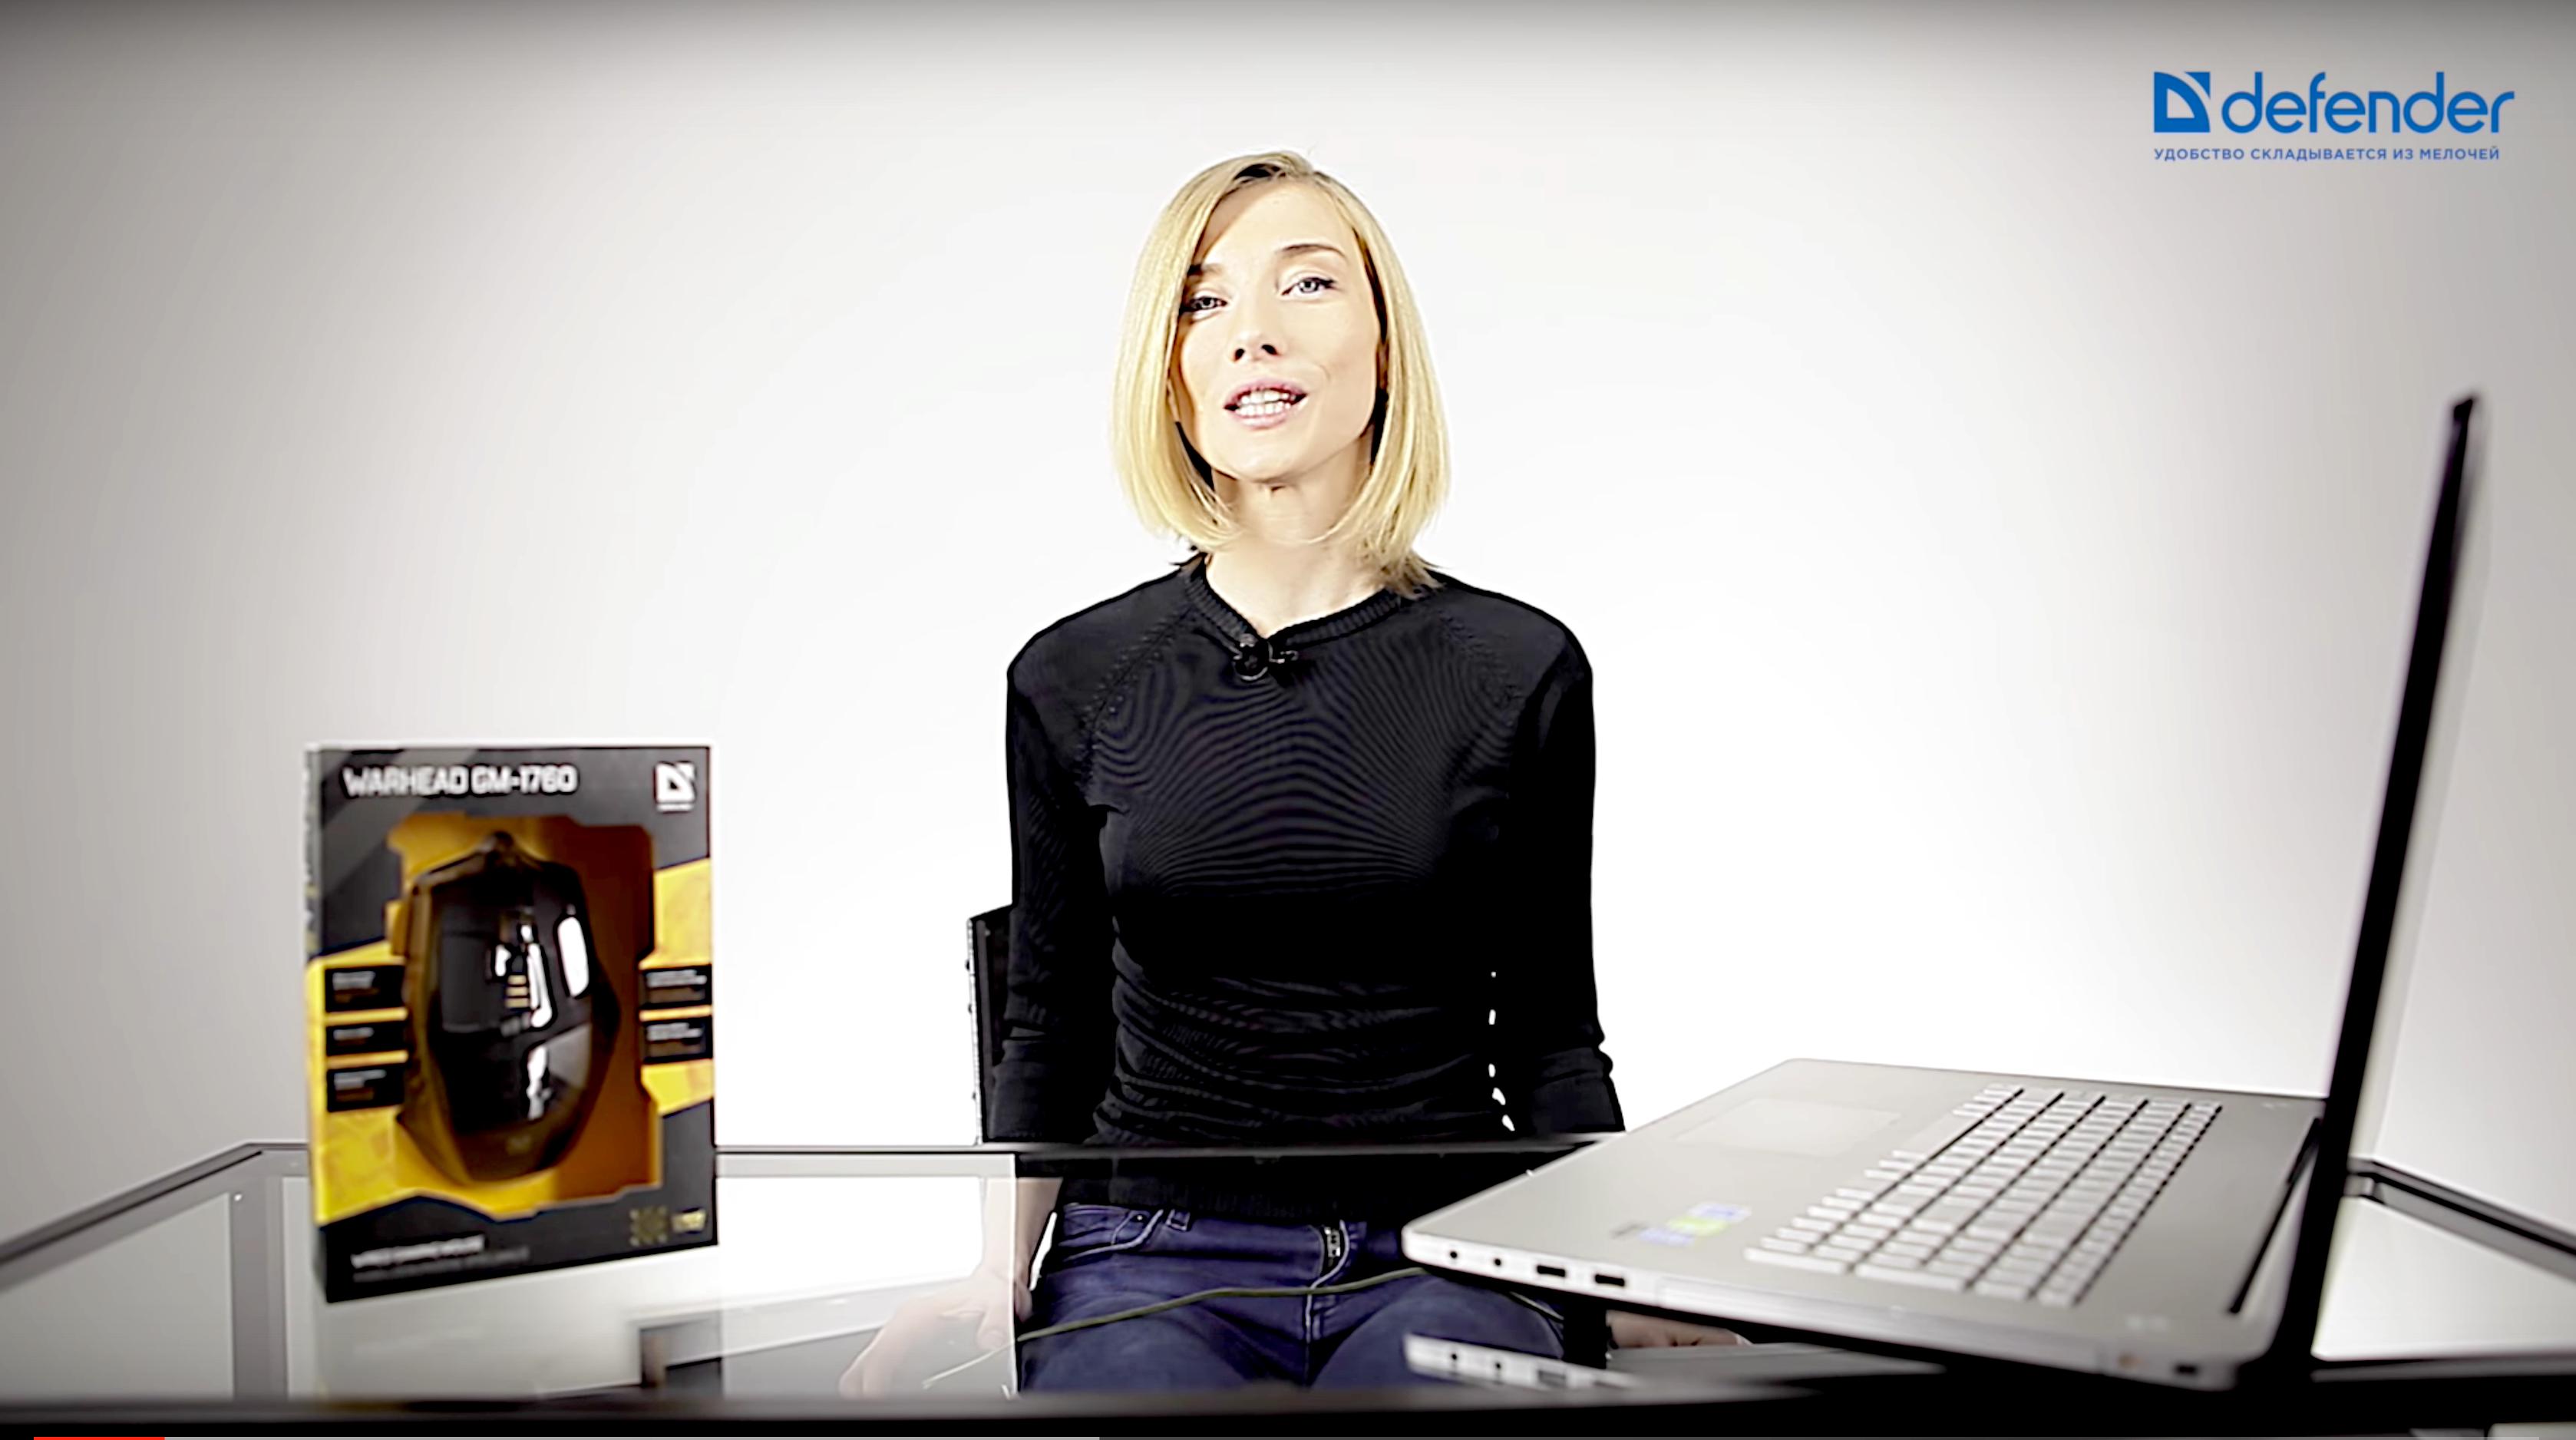 Видео обзор компьютерных продуктов Defender